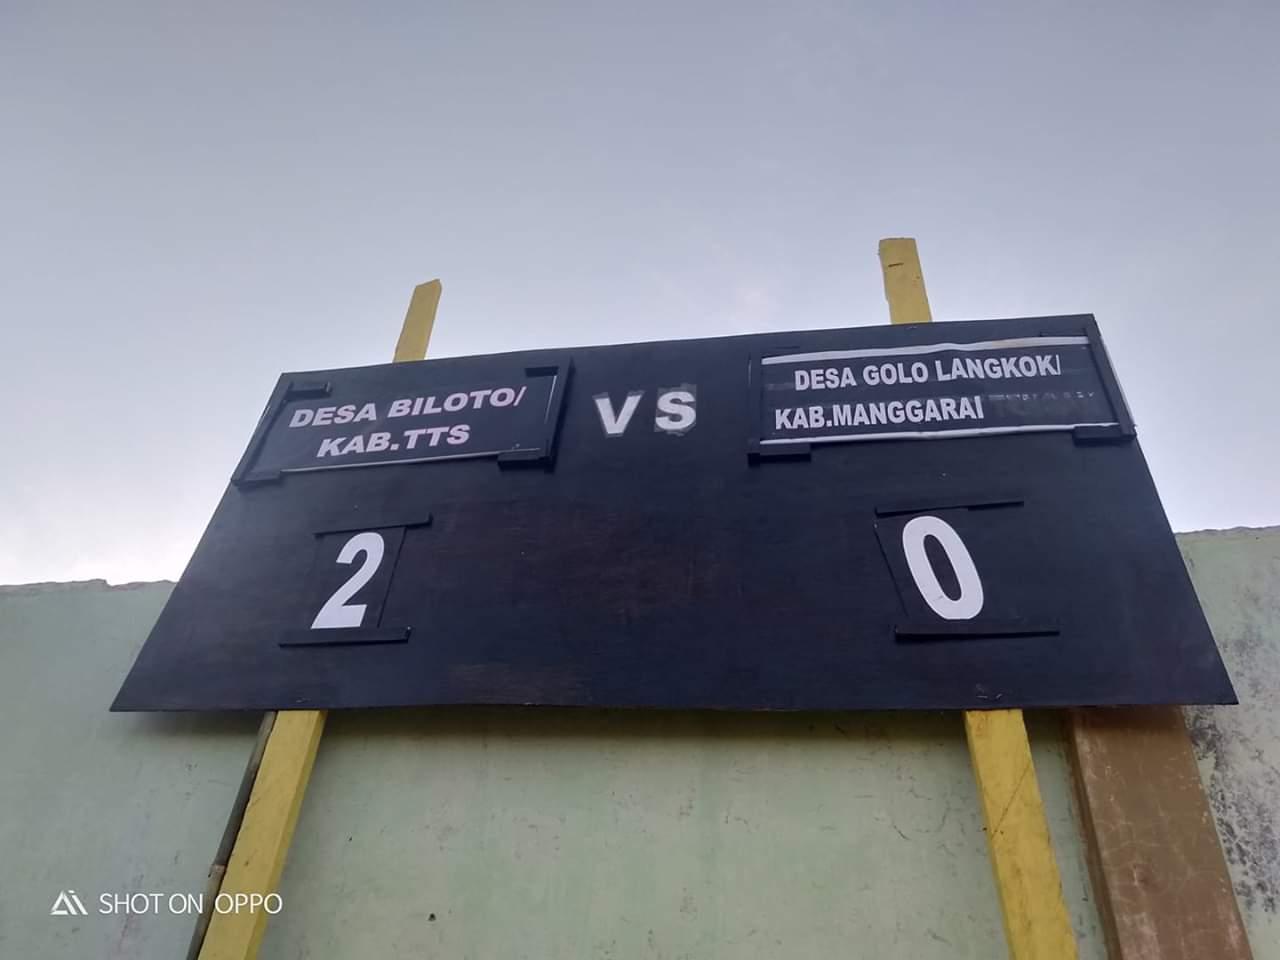 Final Liga Desa Nusantara Di Soe Golo Langkok Kalah 0 2